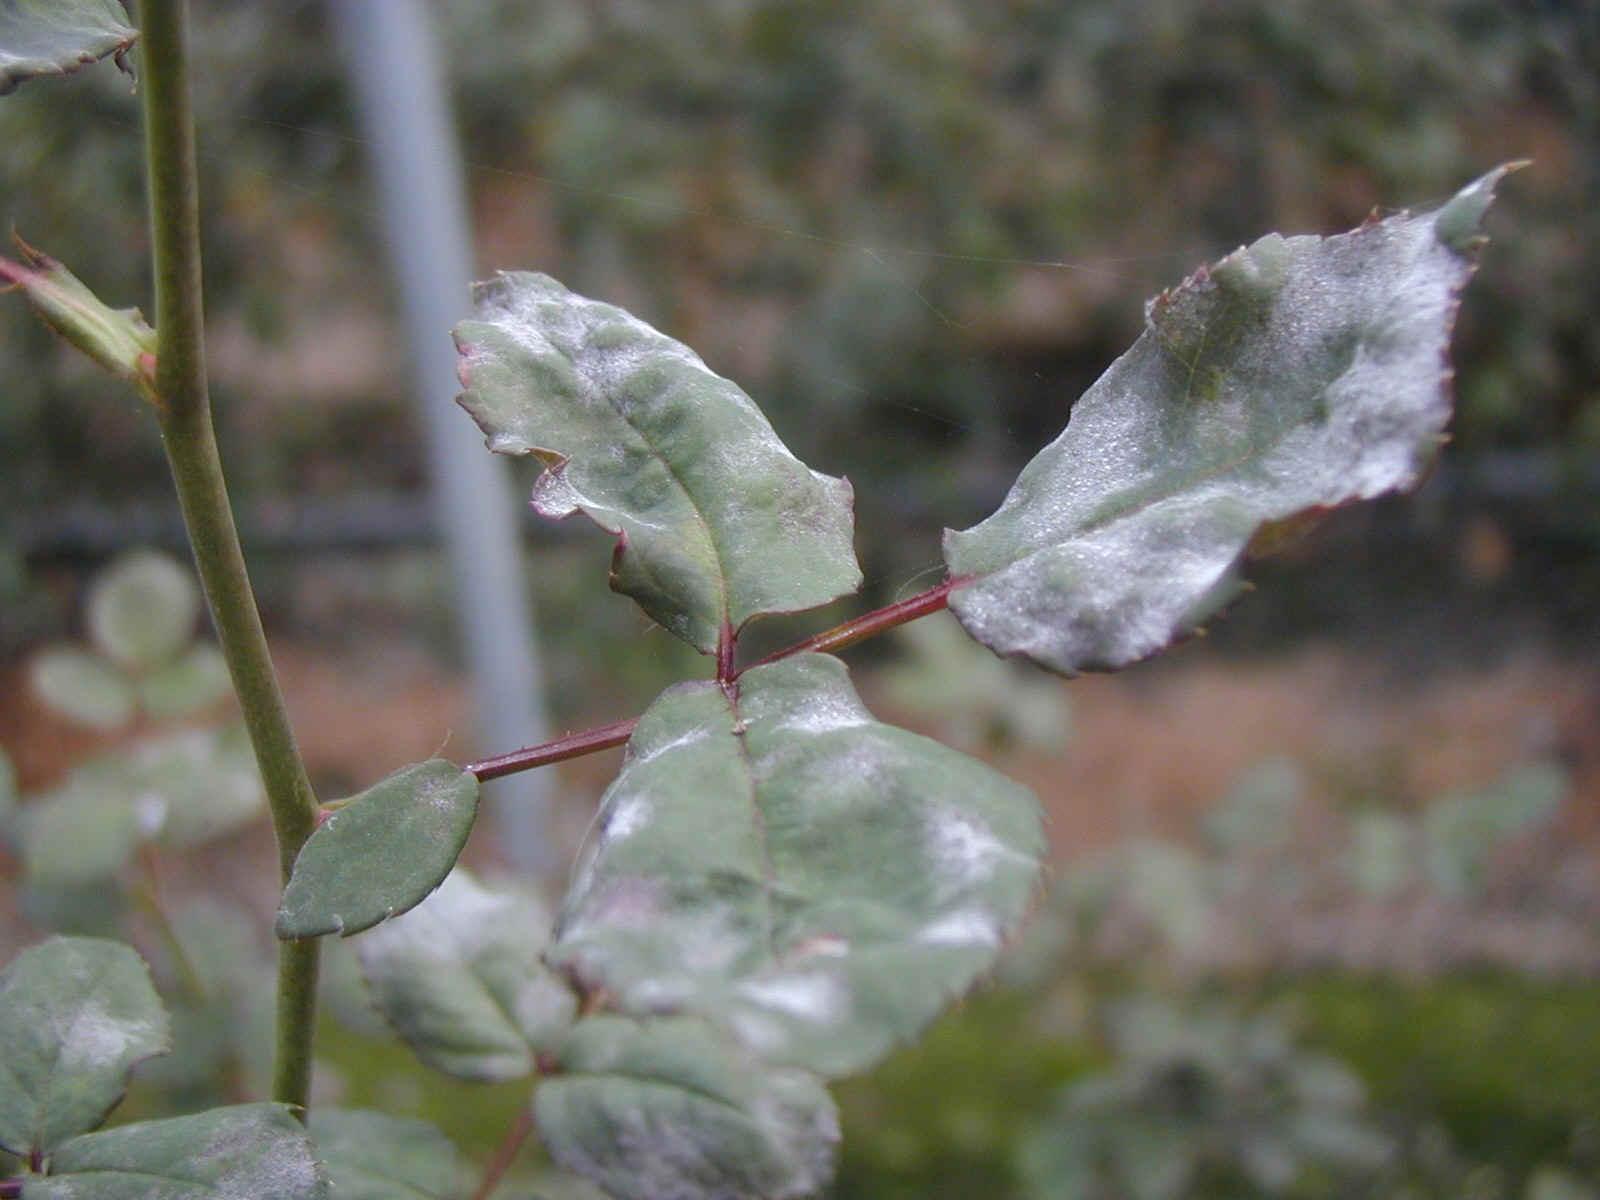 Драцена — болезни цветка и как с ними бороться